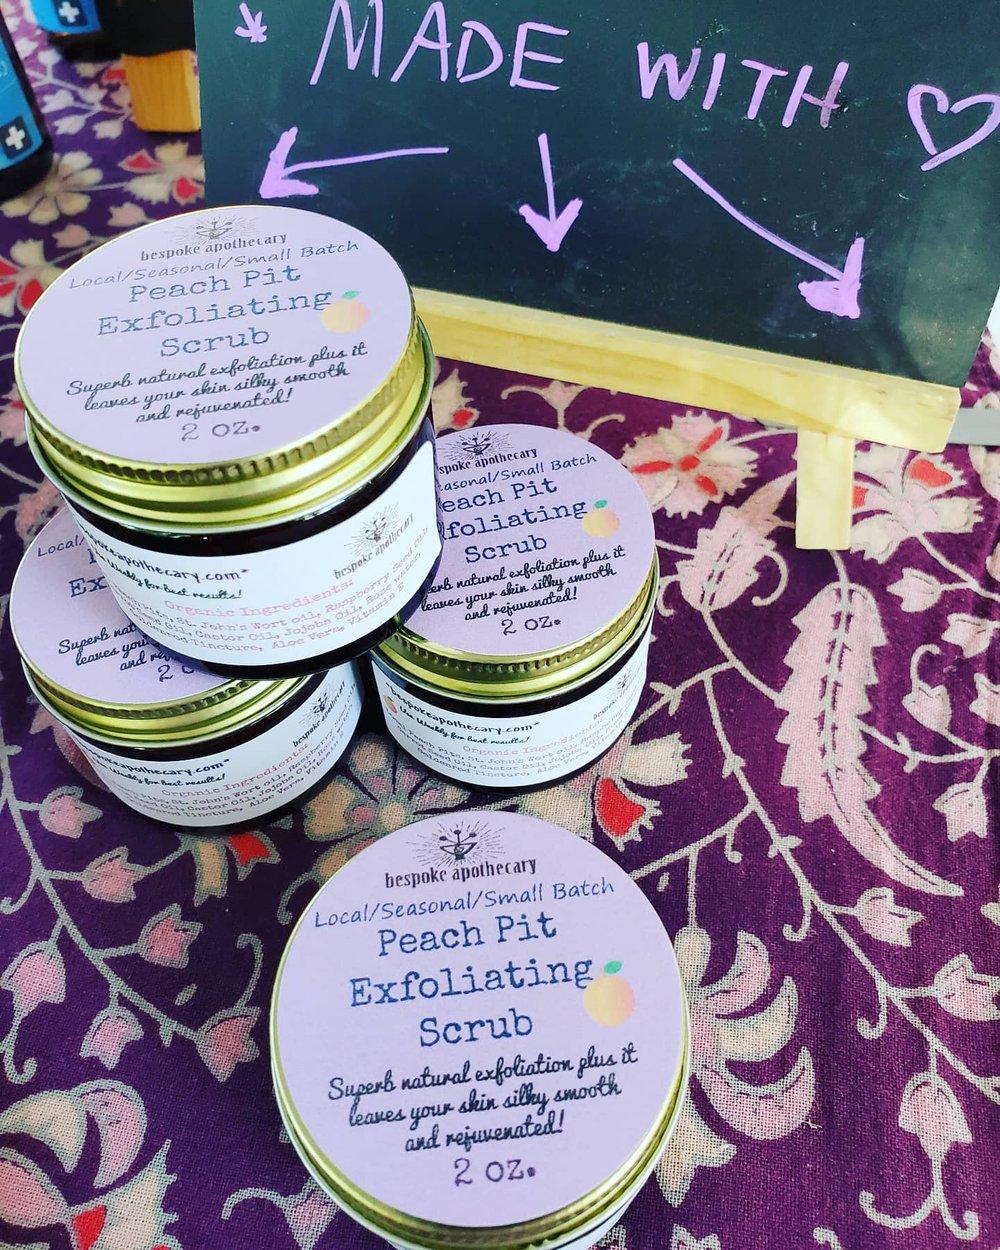 2 oz. Local peach pit anti-aging AND anti-acne face scrub